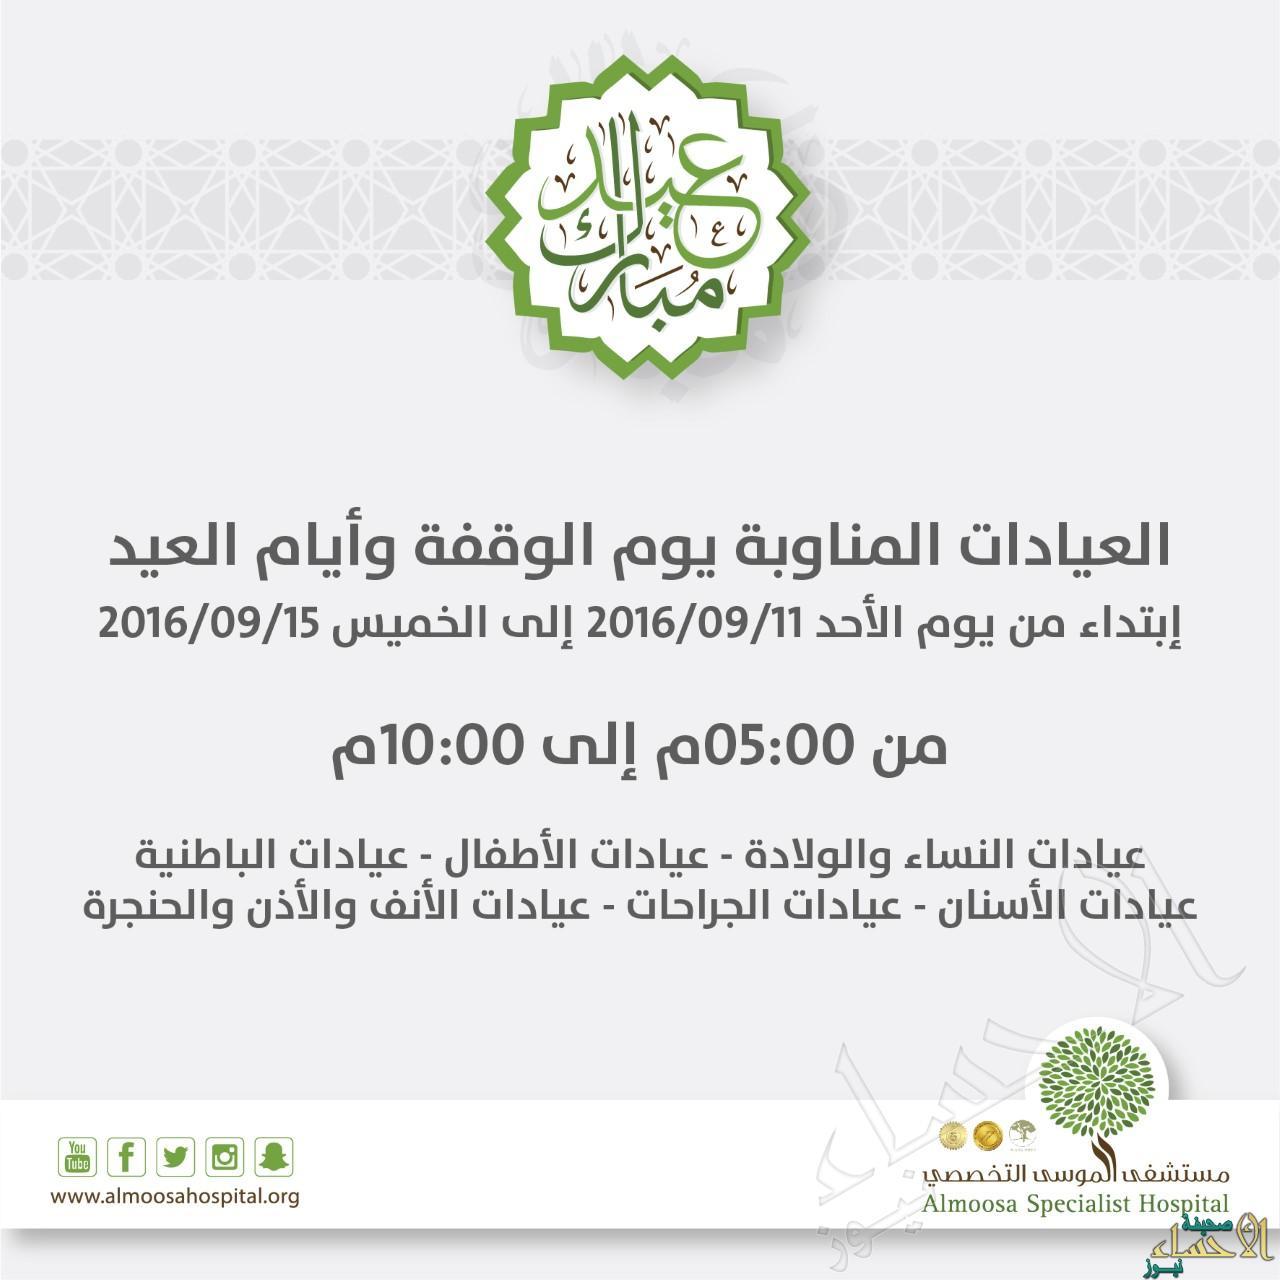 thumbnail_العيادات المناوبة يوم الوقفة وأيام العيد-01